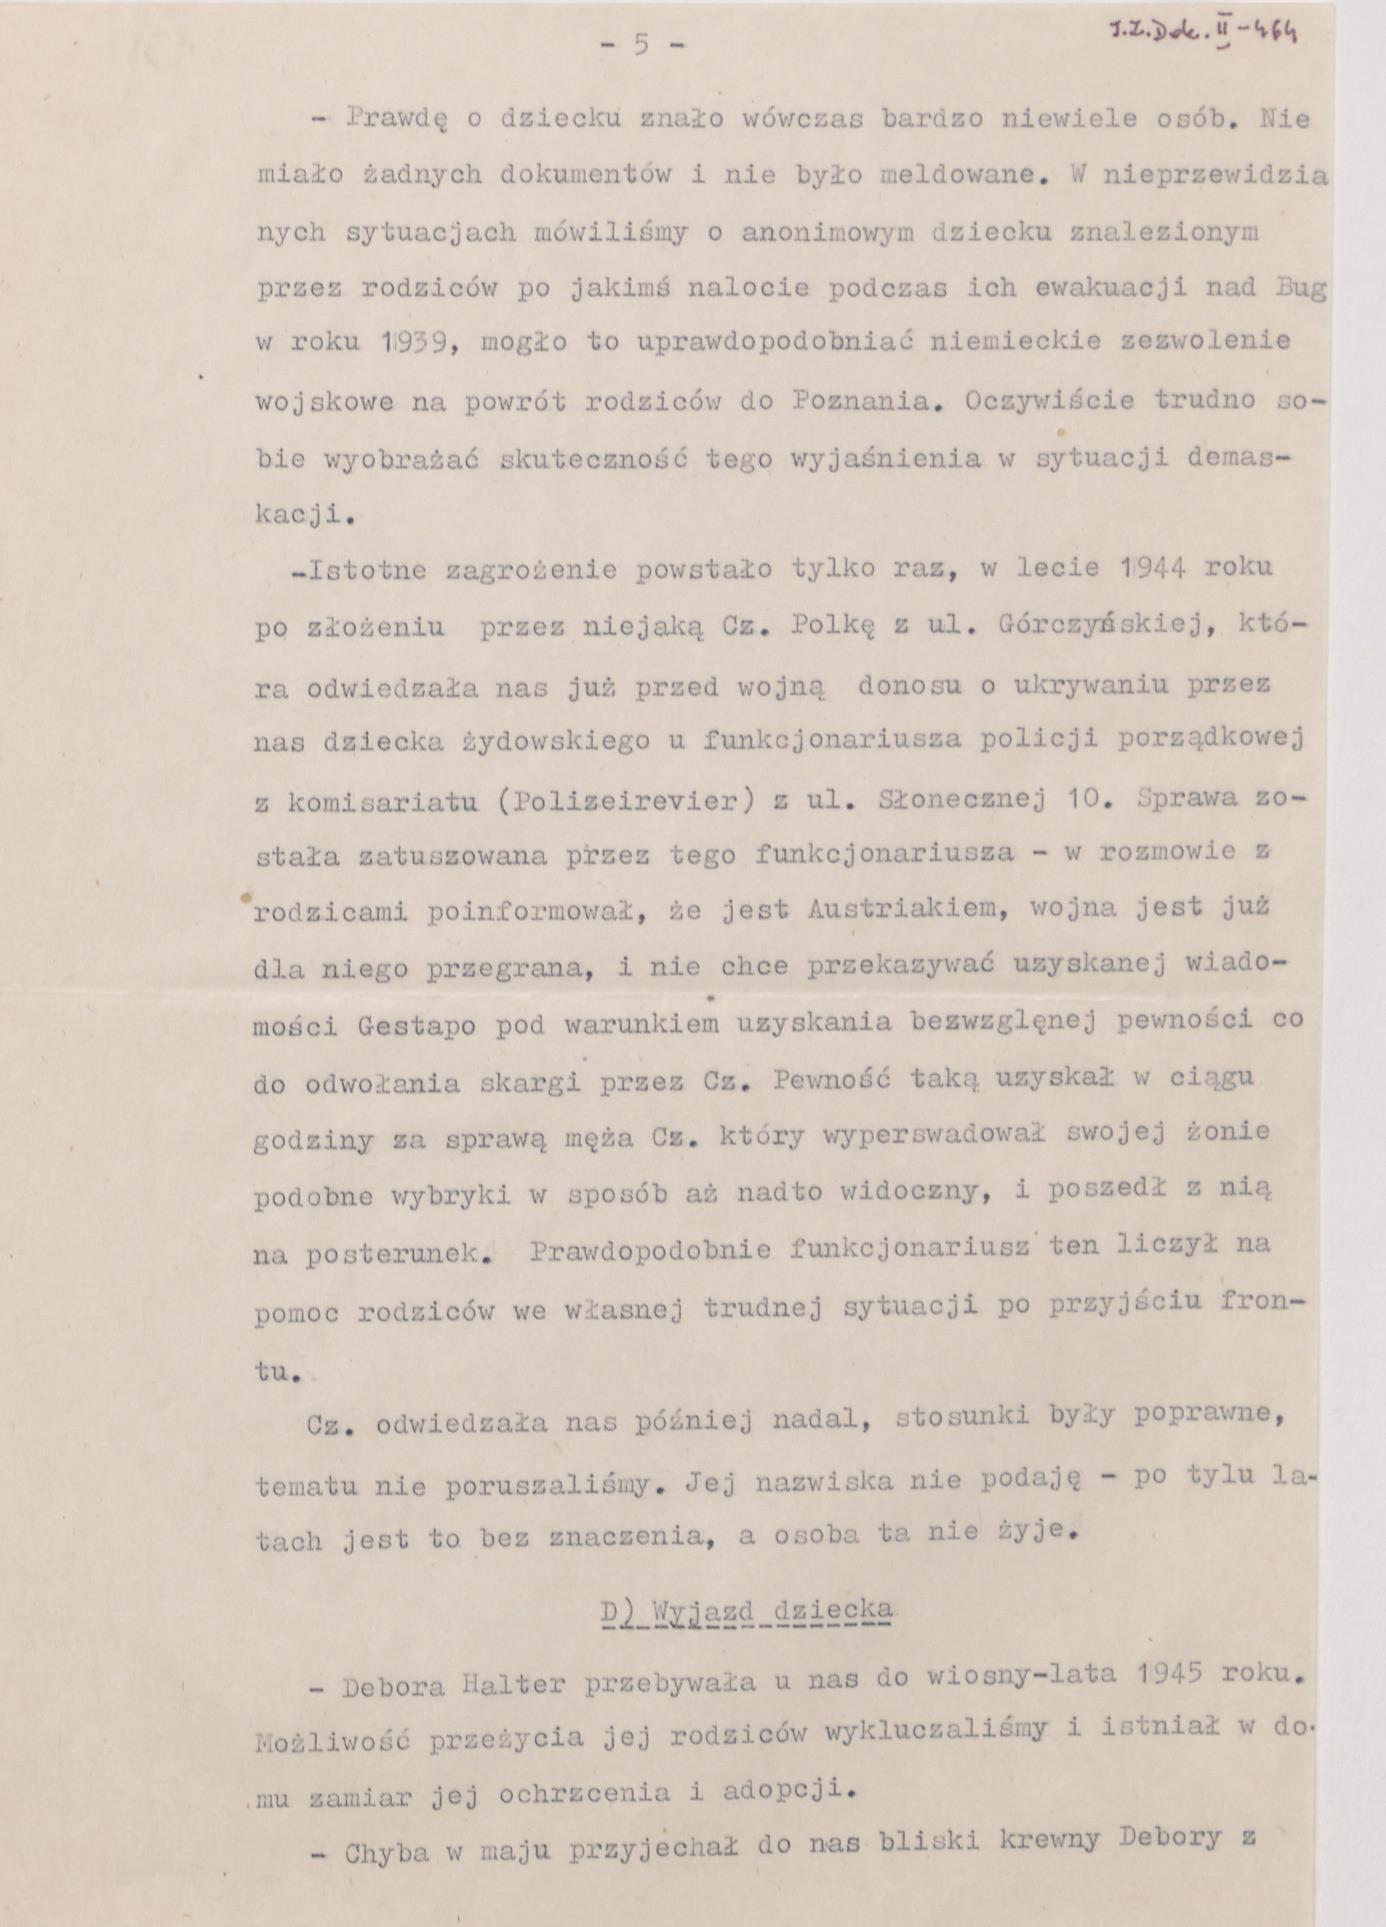 Fot. 1c. Fragment wspomnień Janusza Przybysza z jego odręcznymi poprawkami. Źródło: I.Z. Dok. II – 464.